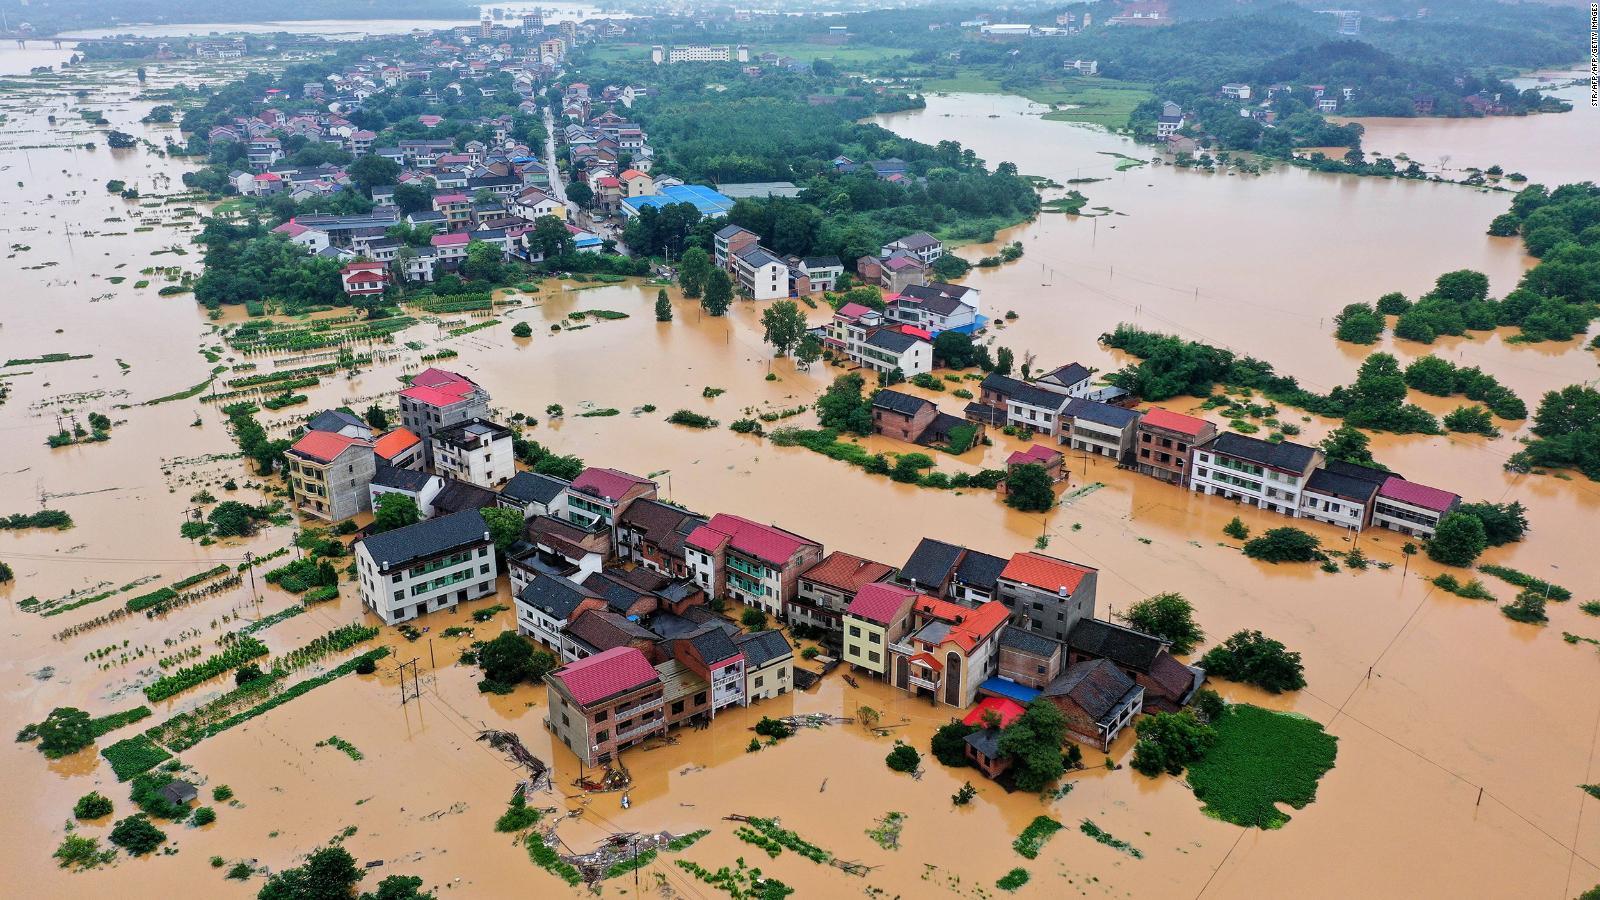 Cientos de miles de evacuados en China debido a las inundaciones   Video    CNN